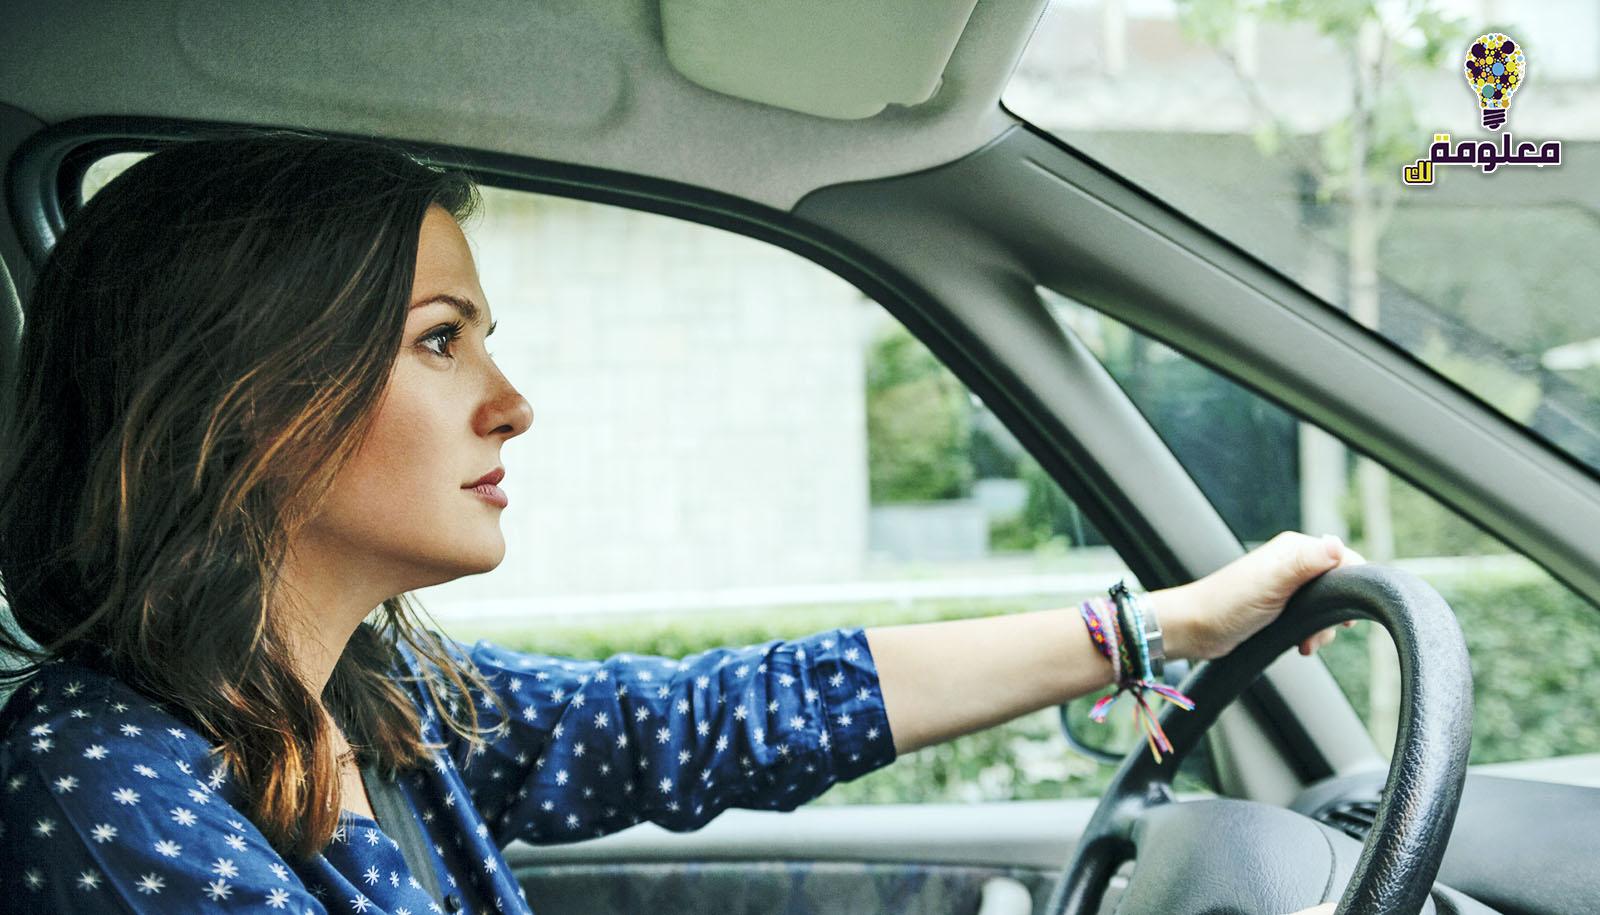 تفسير حلم السيارة في المنام للفتاة العزباء